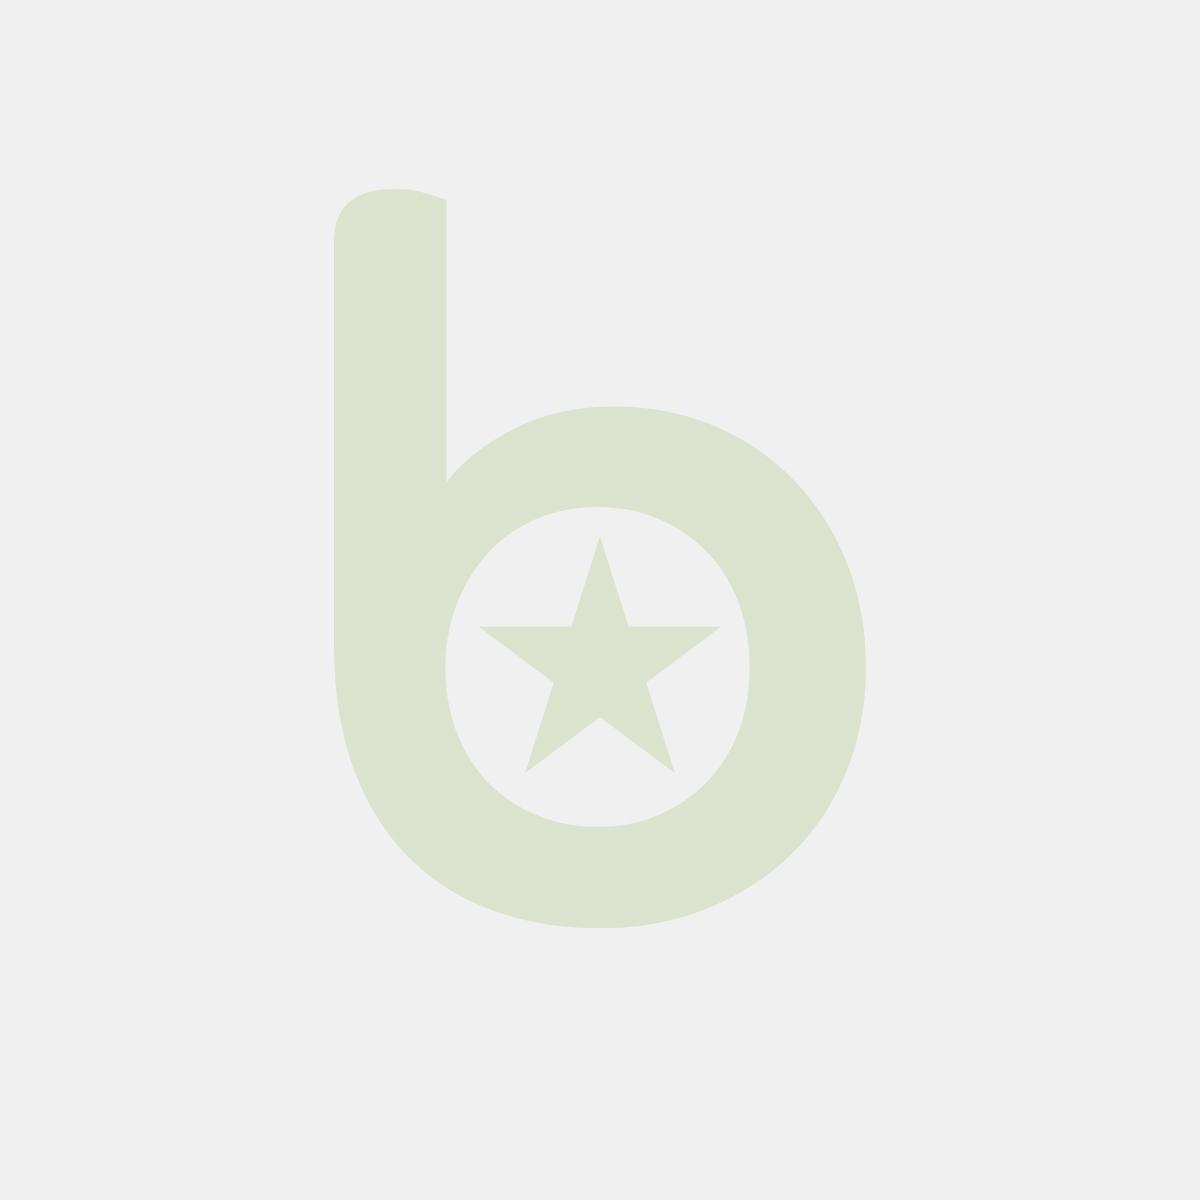 Kuchnia Elektryczna 4-Płytowa Z Piekarnikiem Elektrycznym Gn 2/1, Z Kwadratowymi, Wpuszczonymi Płytami Linia 700